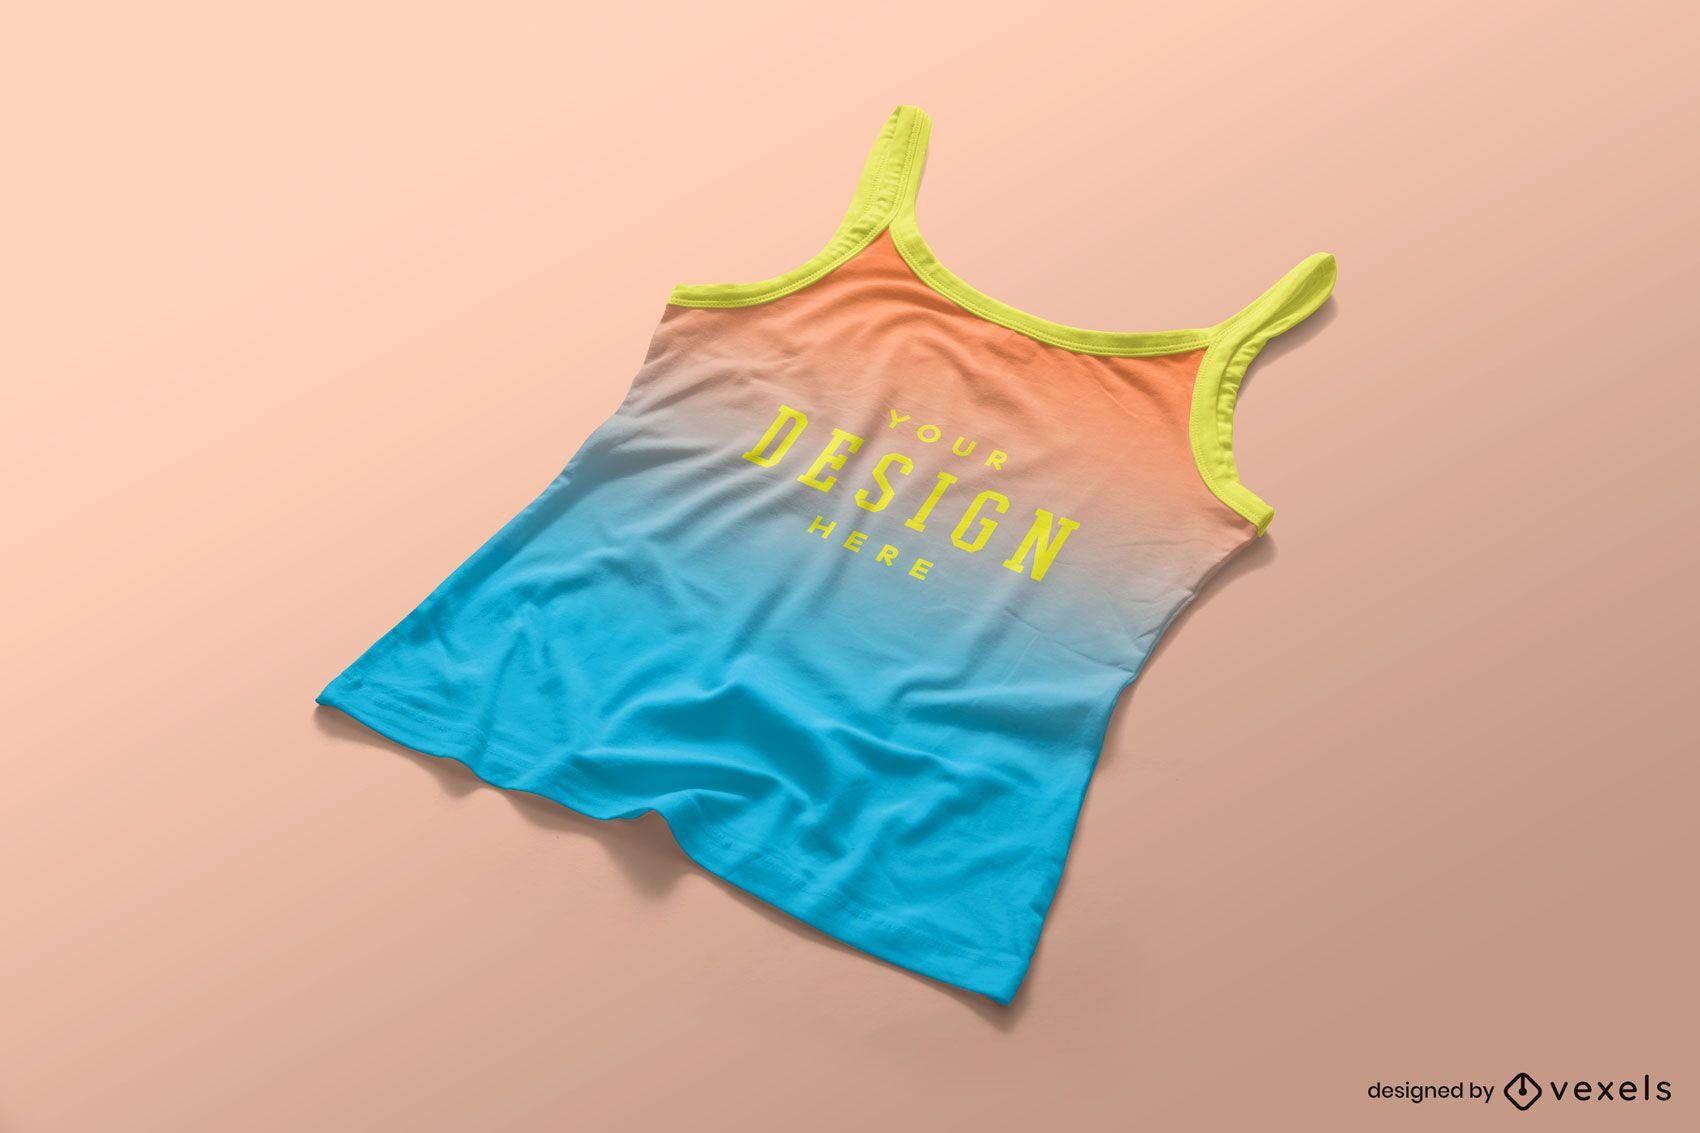 Composición editable de maqueta de camiseta sin mangas